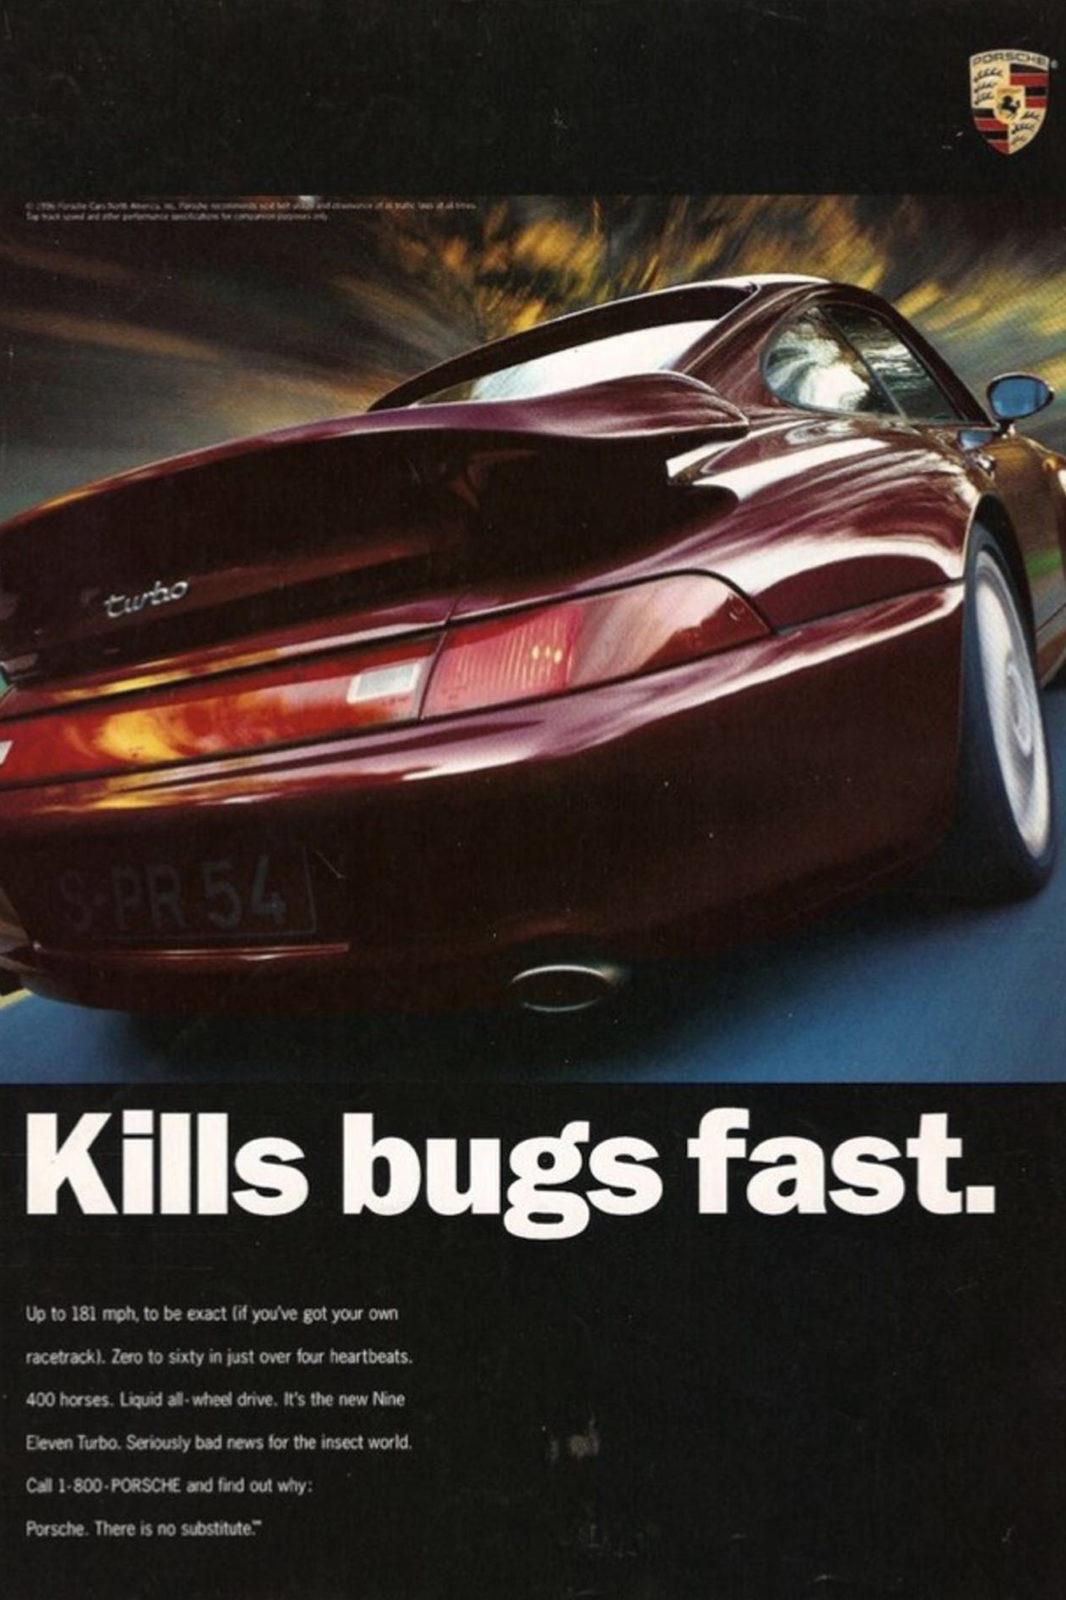 Publicité Porsche 911 type 993 Turbo